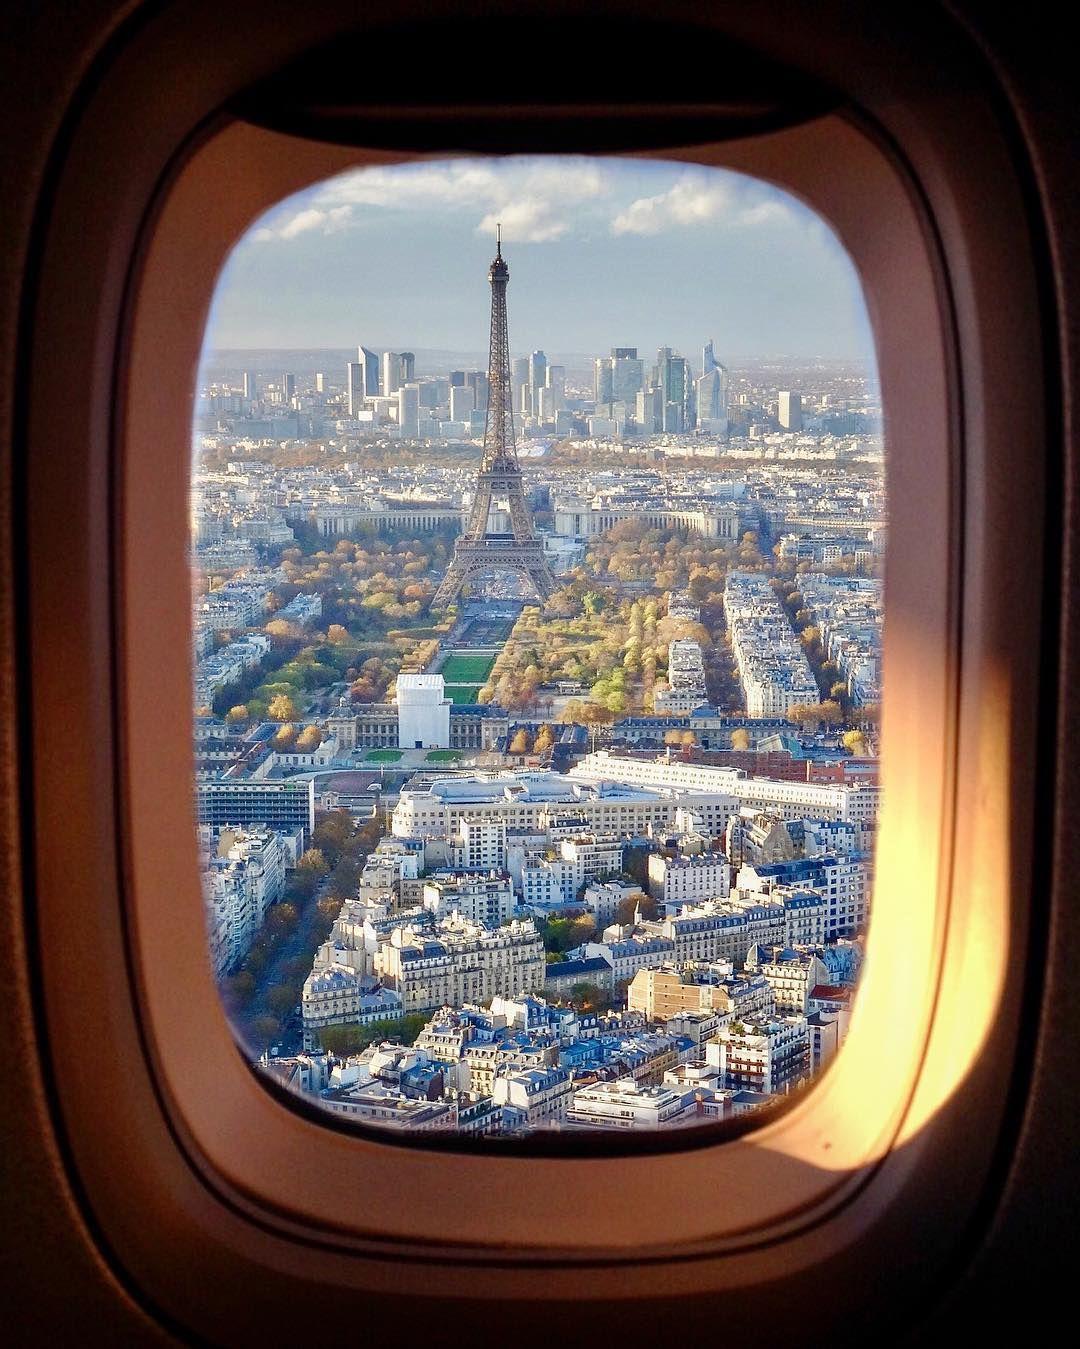 Paris France Travel Aesthetic Travel Pictures Paris Travel